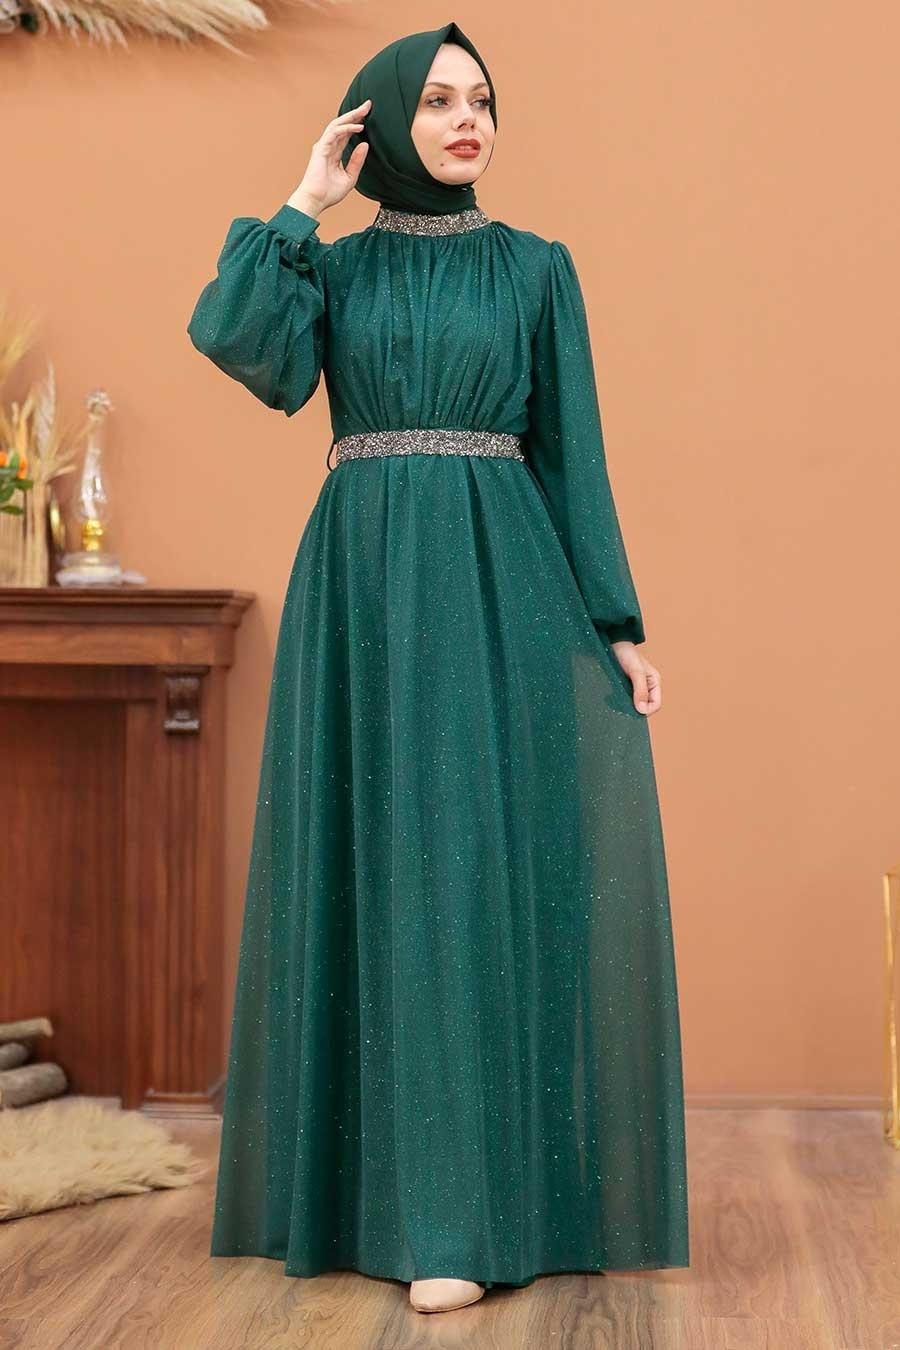 Tesettürlü Abiye Elbise - Simli Yeşil Tesettür Abiye Elbise 5501Y